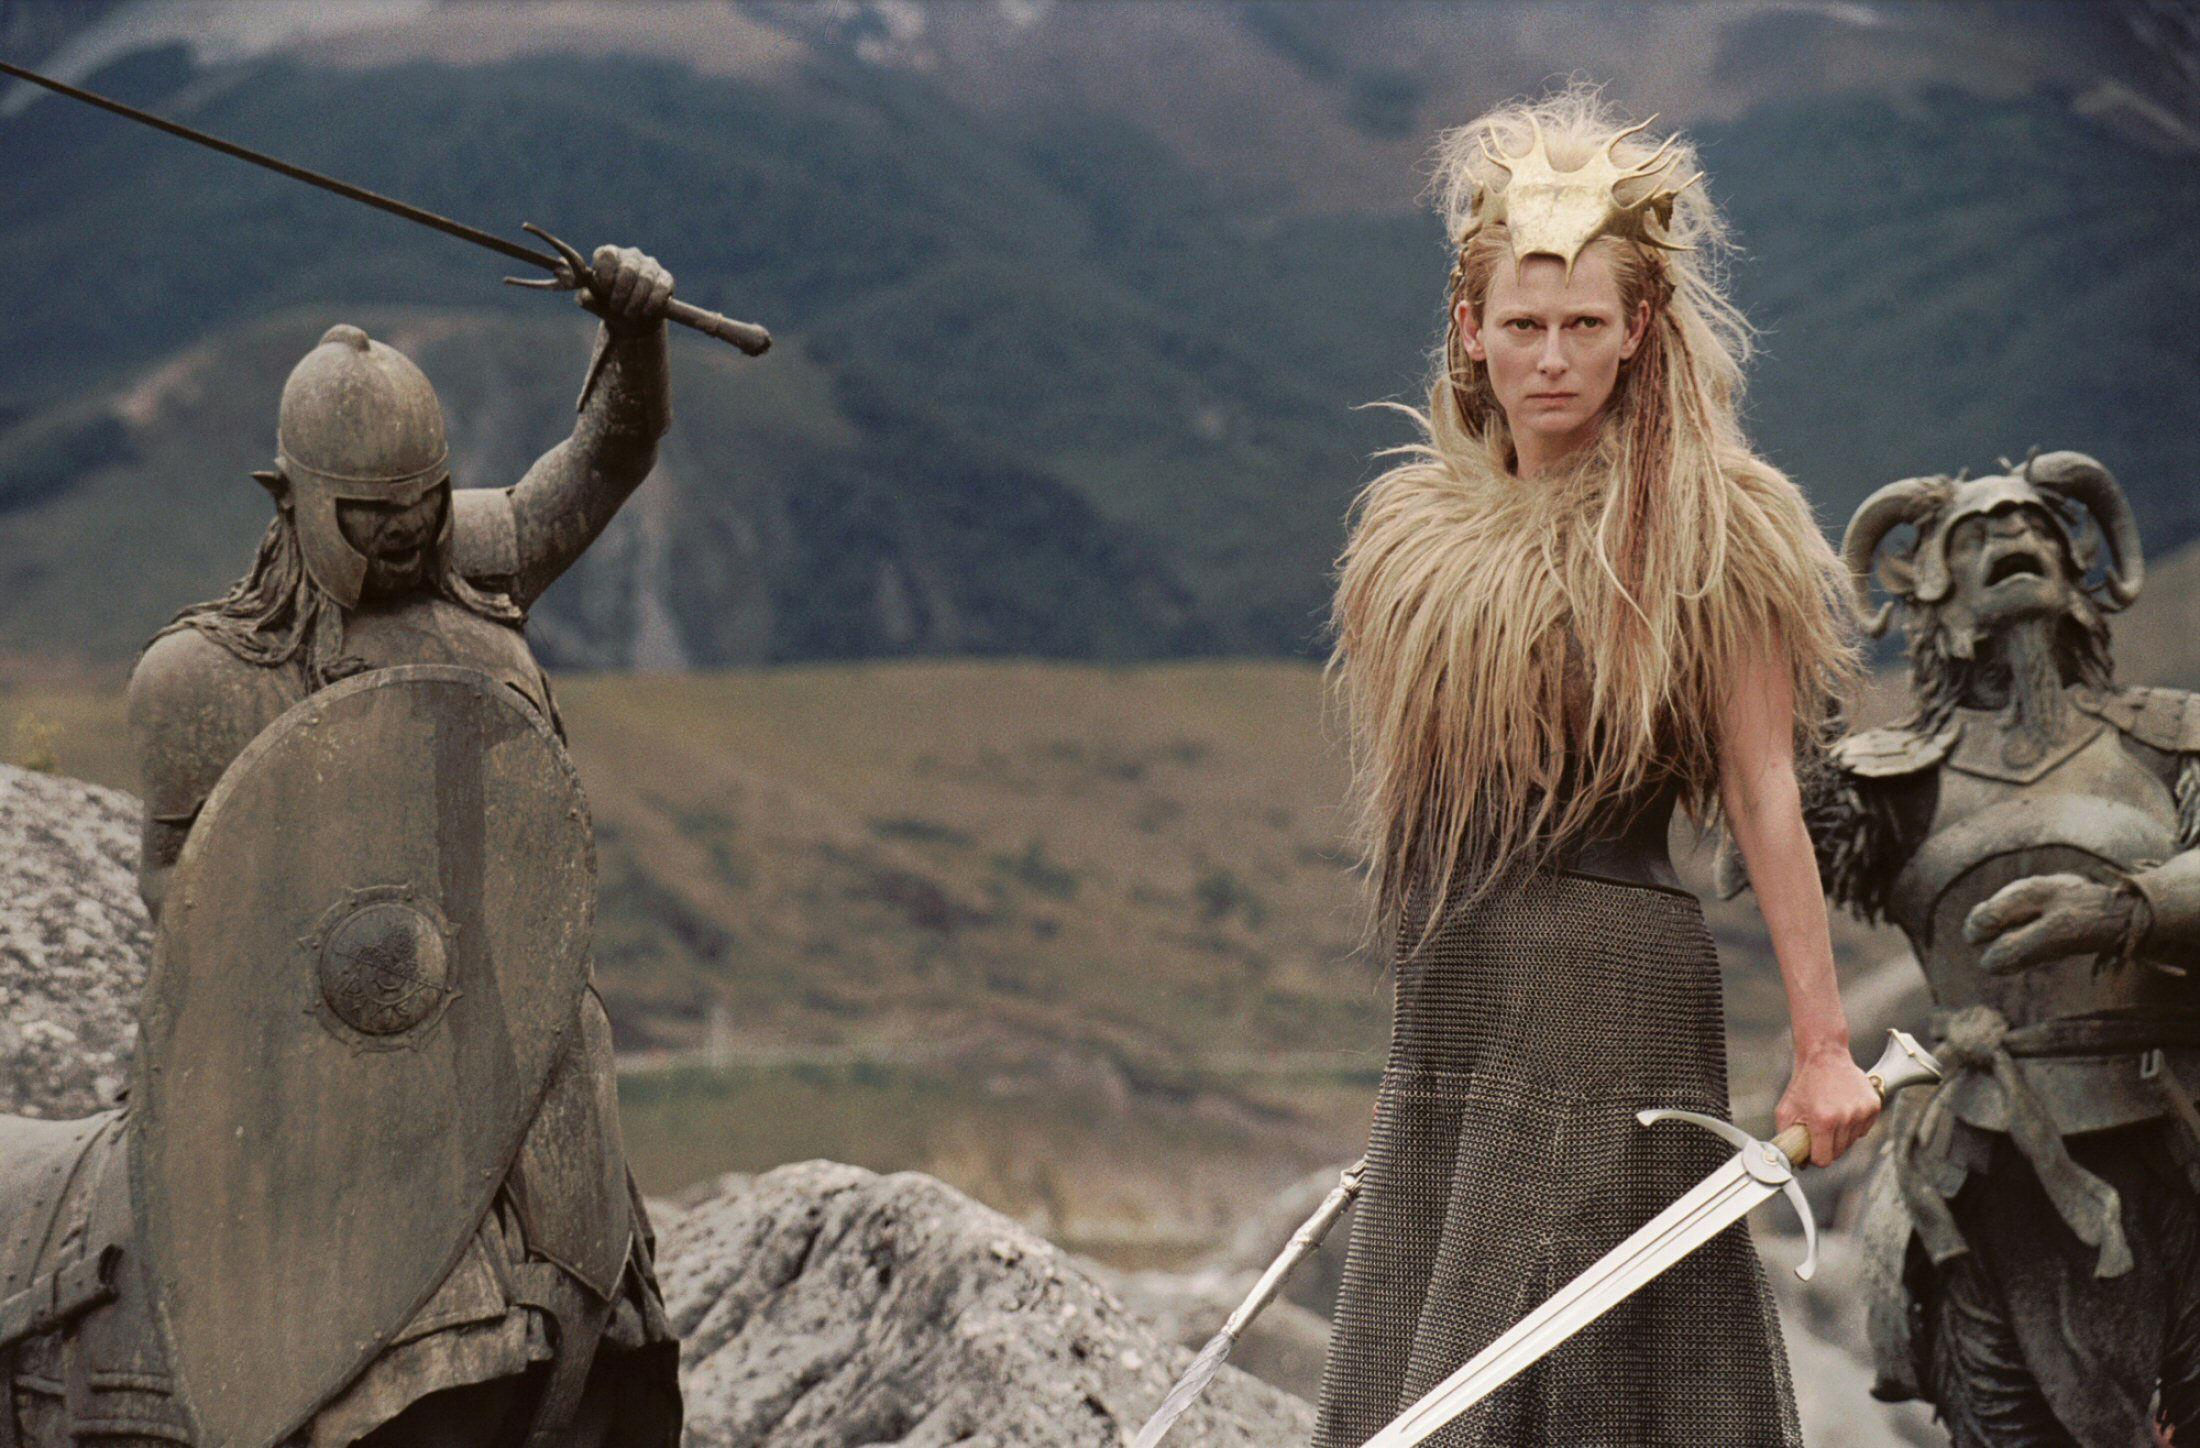 La Bruja porta un arma mortal, cuyos oscuros poderes nadie puede resistir. ¿Qué es y qué hace?